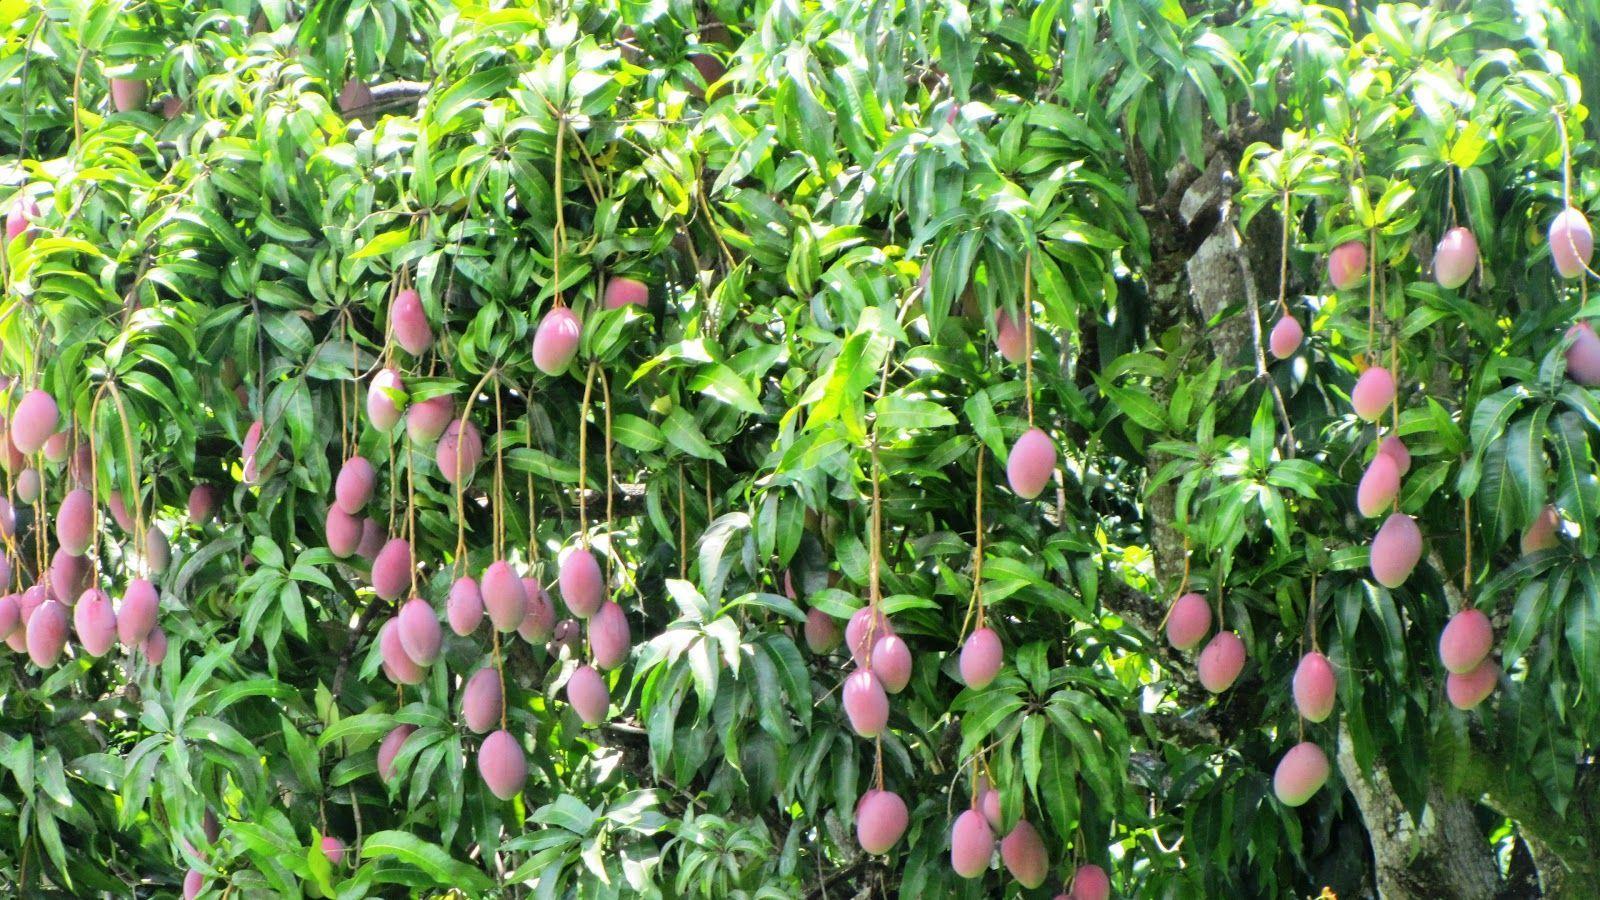 определённом расстоянии манговое дерево фото где растет событие вызвало